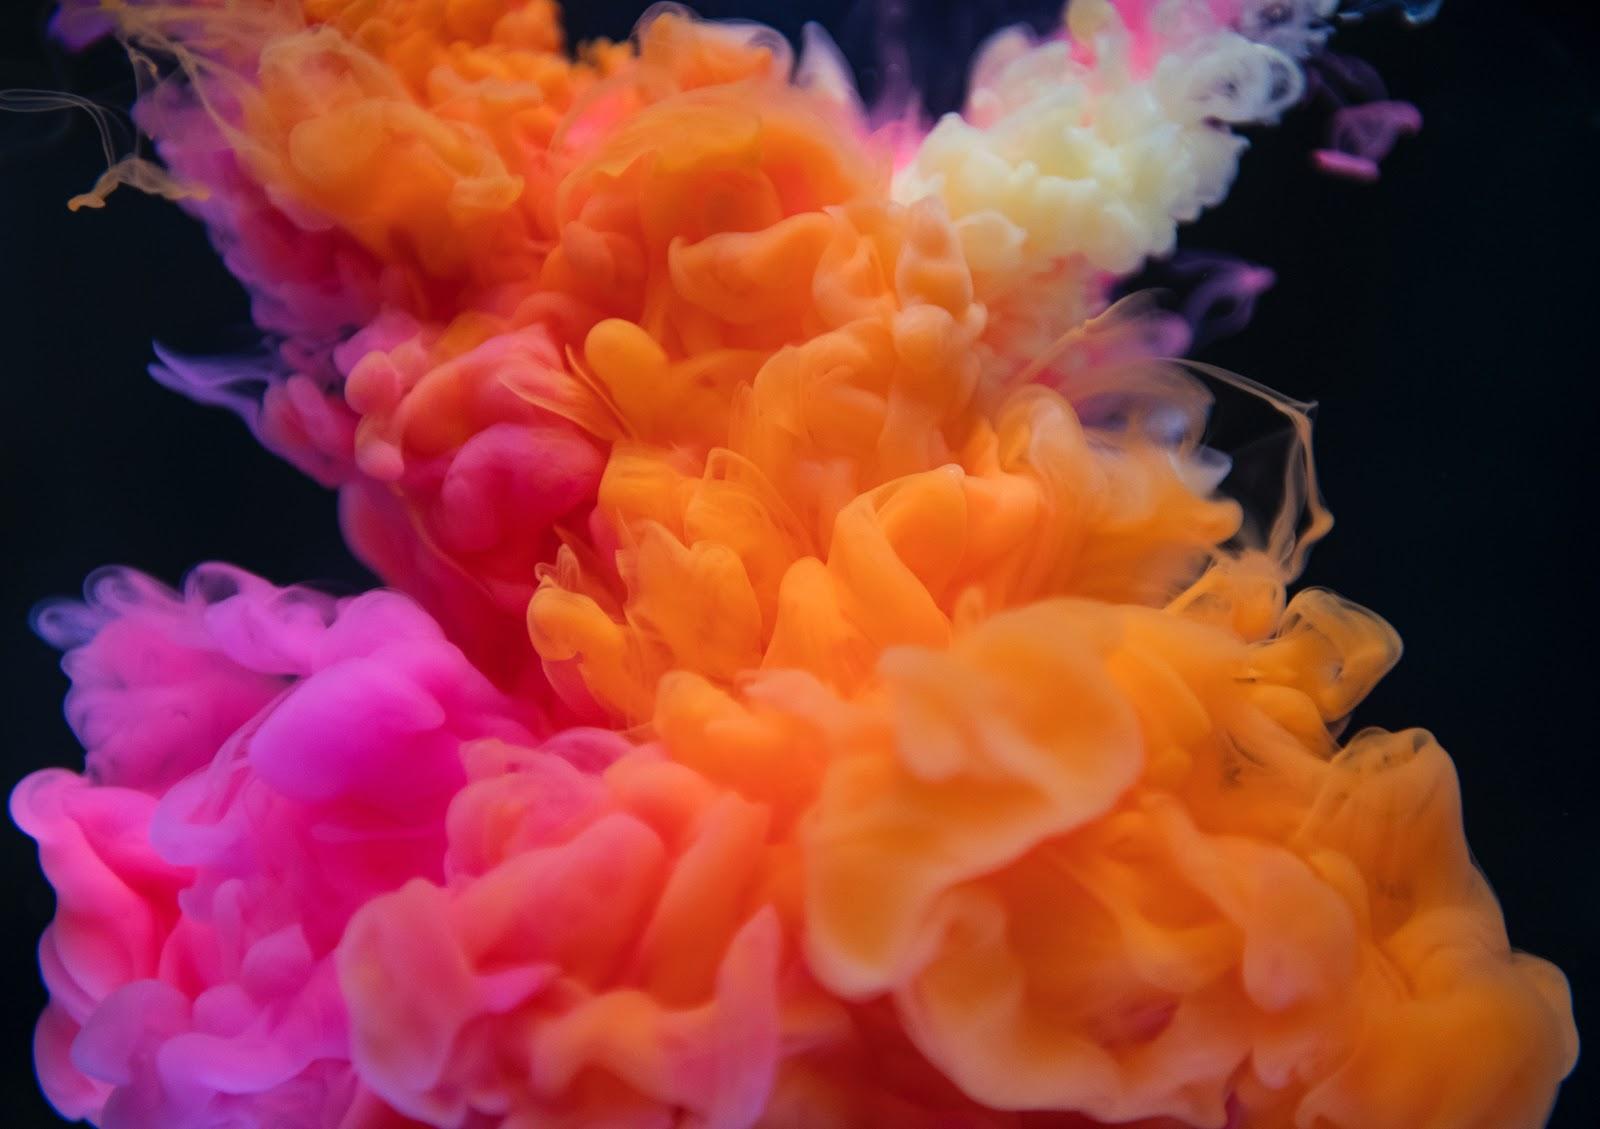 Orange, White, and Pink Smoke Digital